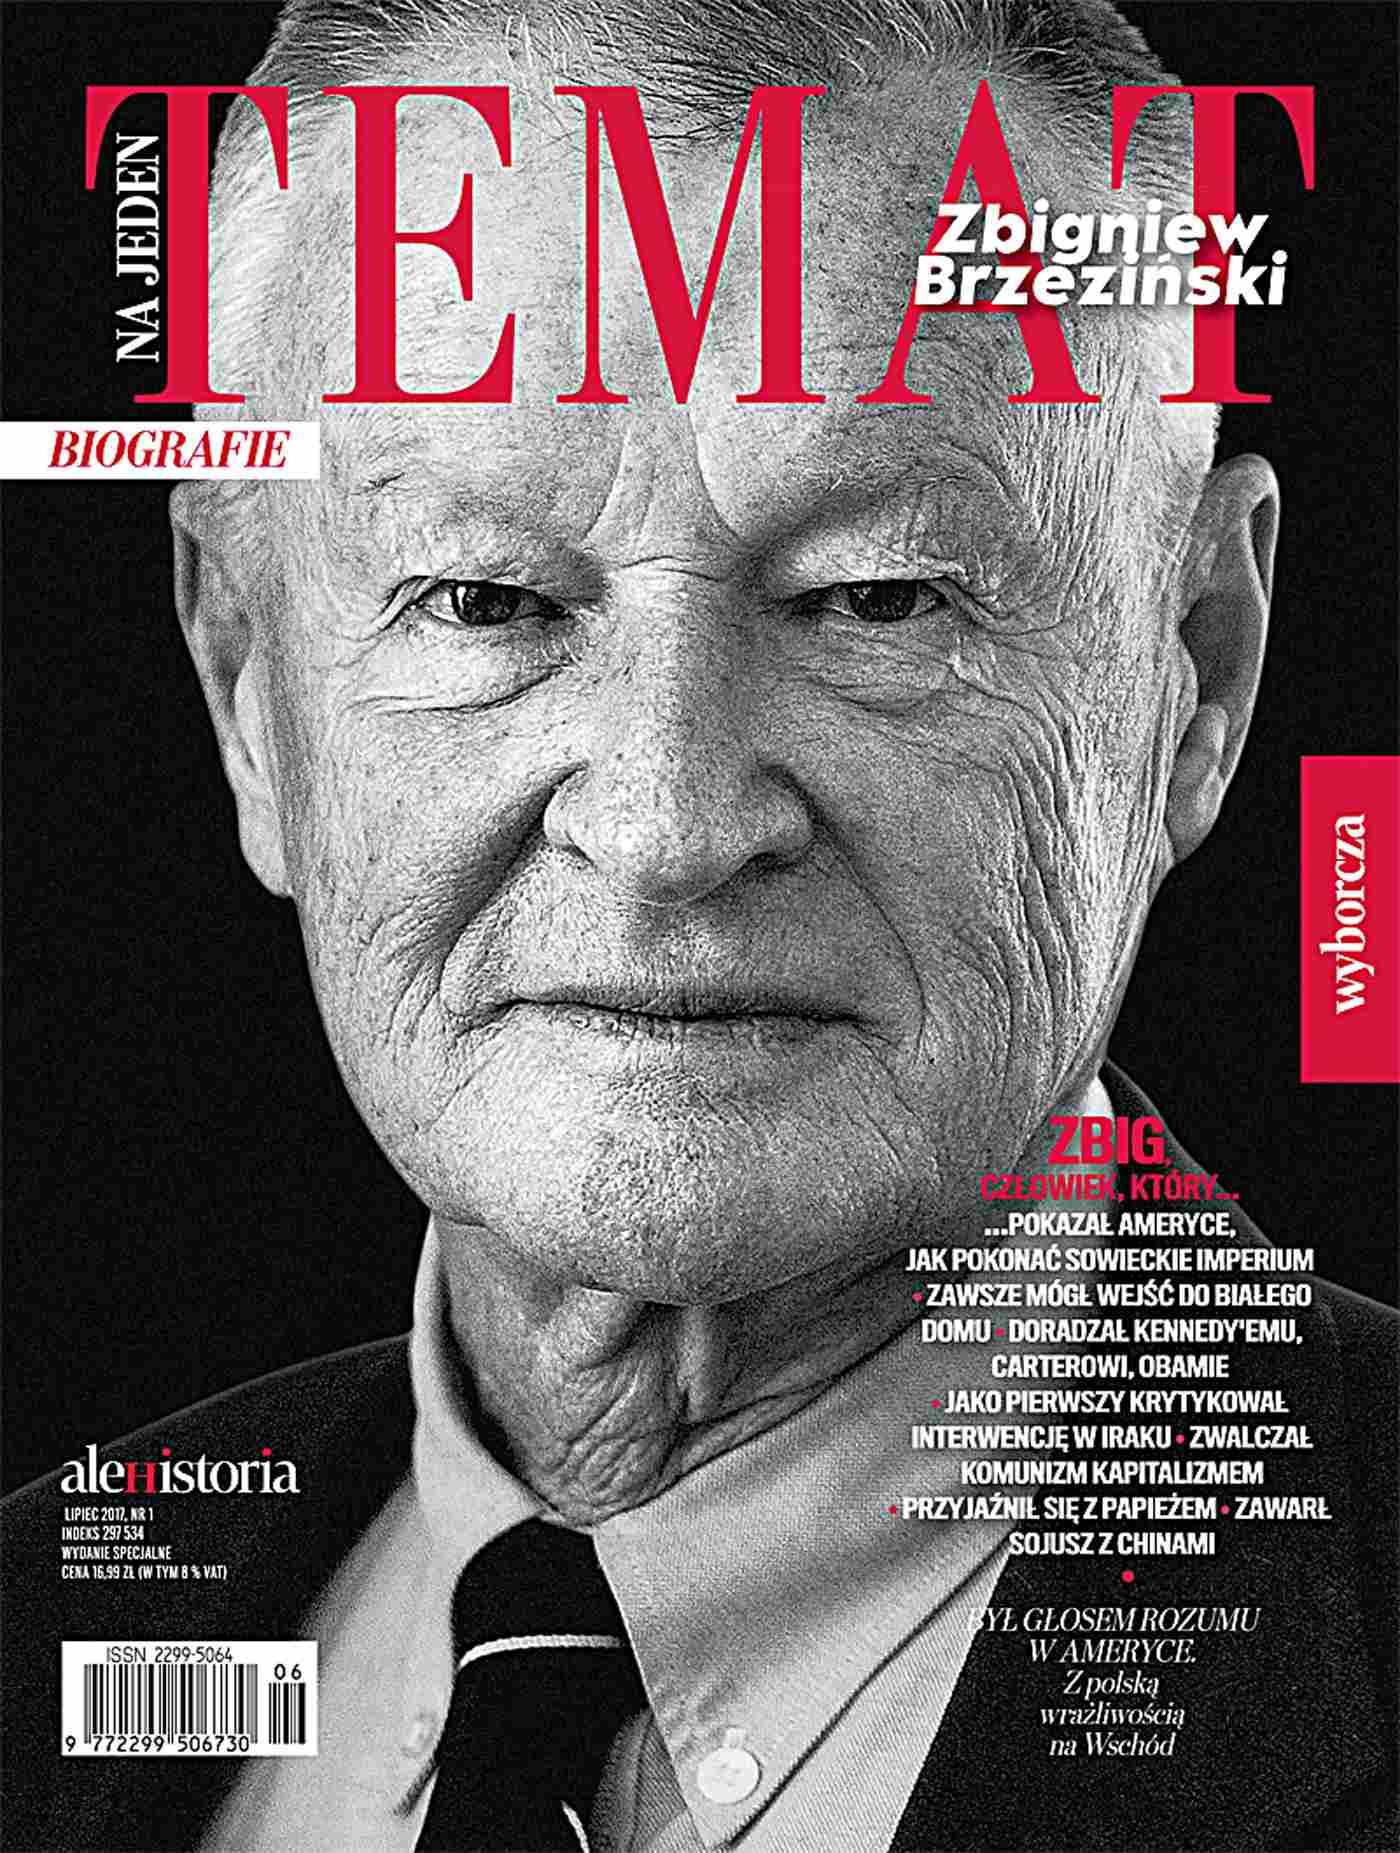 Ale Historia. Na jeden temat. Zbigniew Brzezinski 1/2017 - Ebook (Książka PDF) do pobrania w formacie PDF